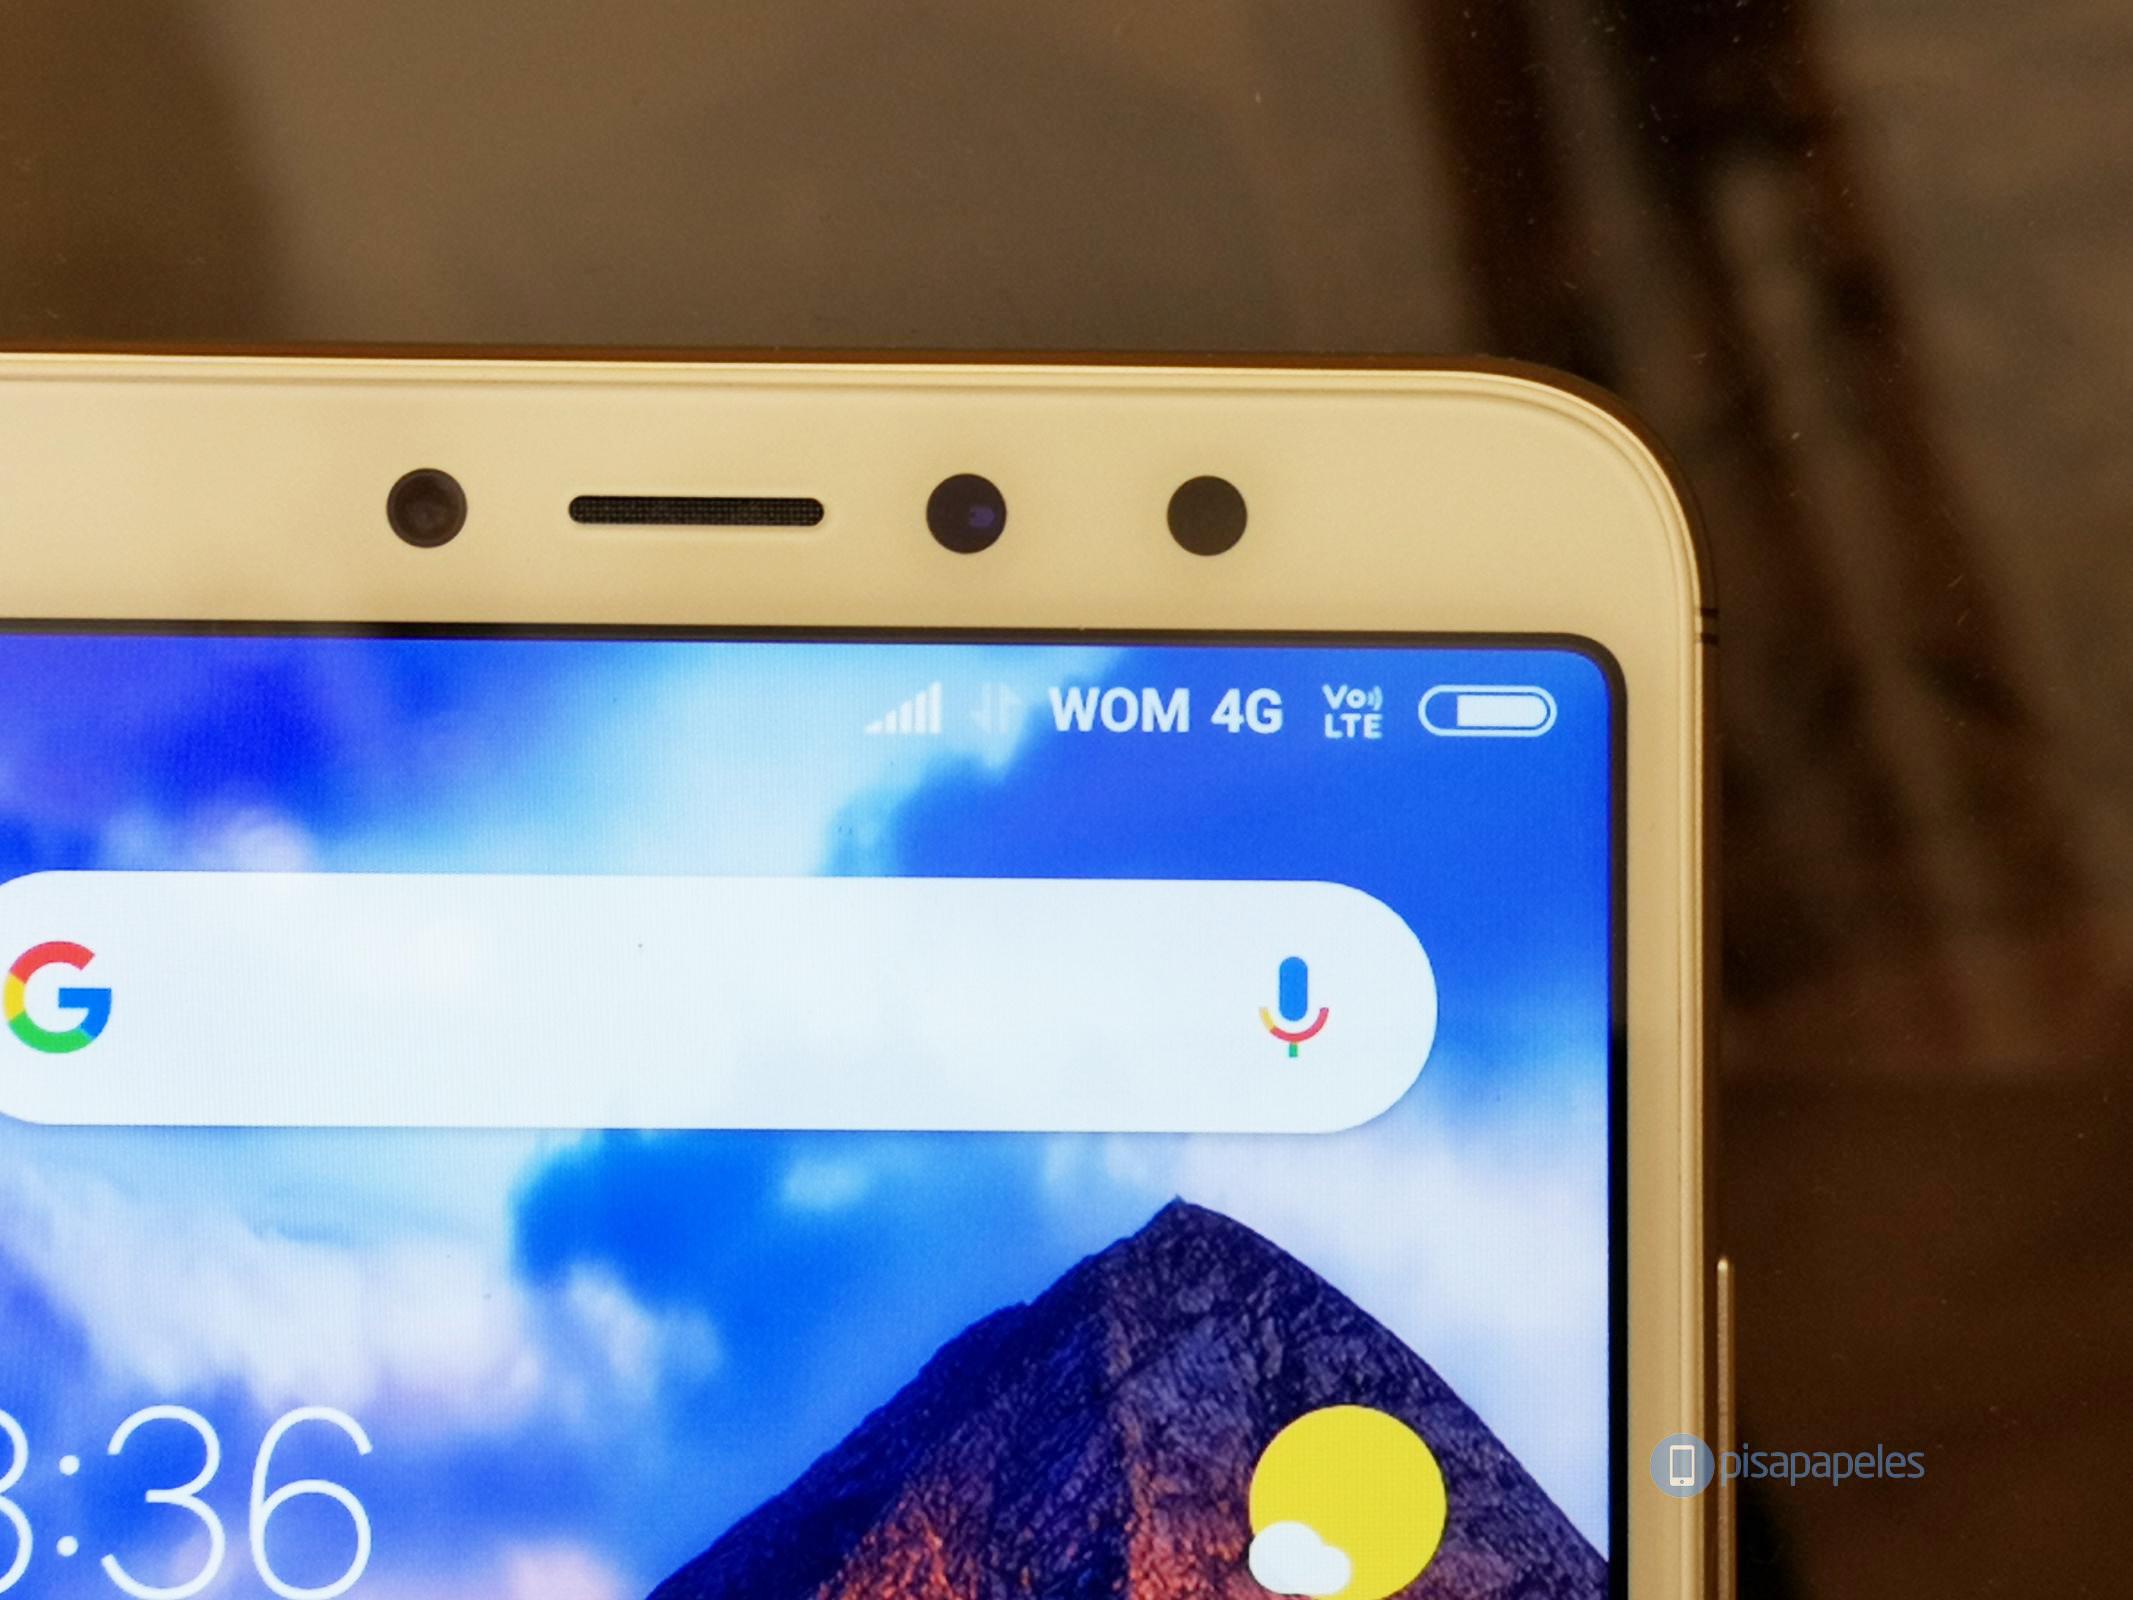 Aprende cómo activar soporte de VoLTE en equipos Xiaomi para